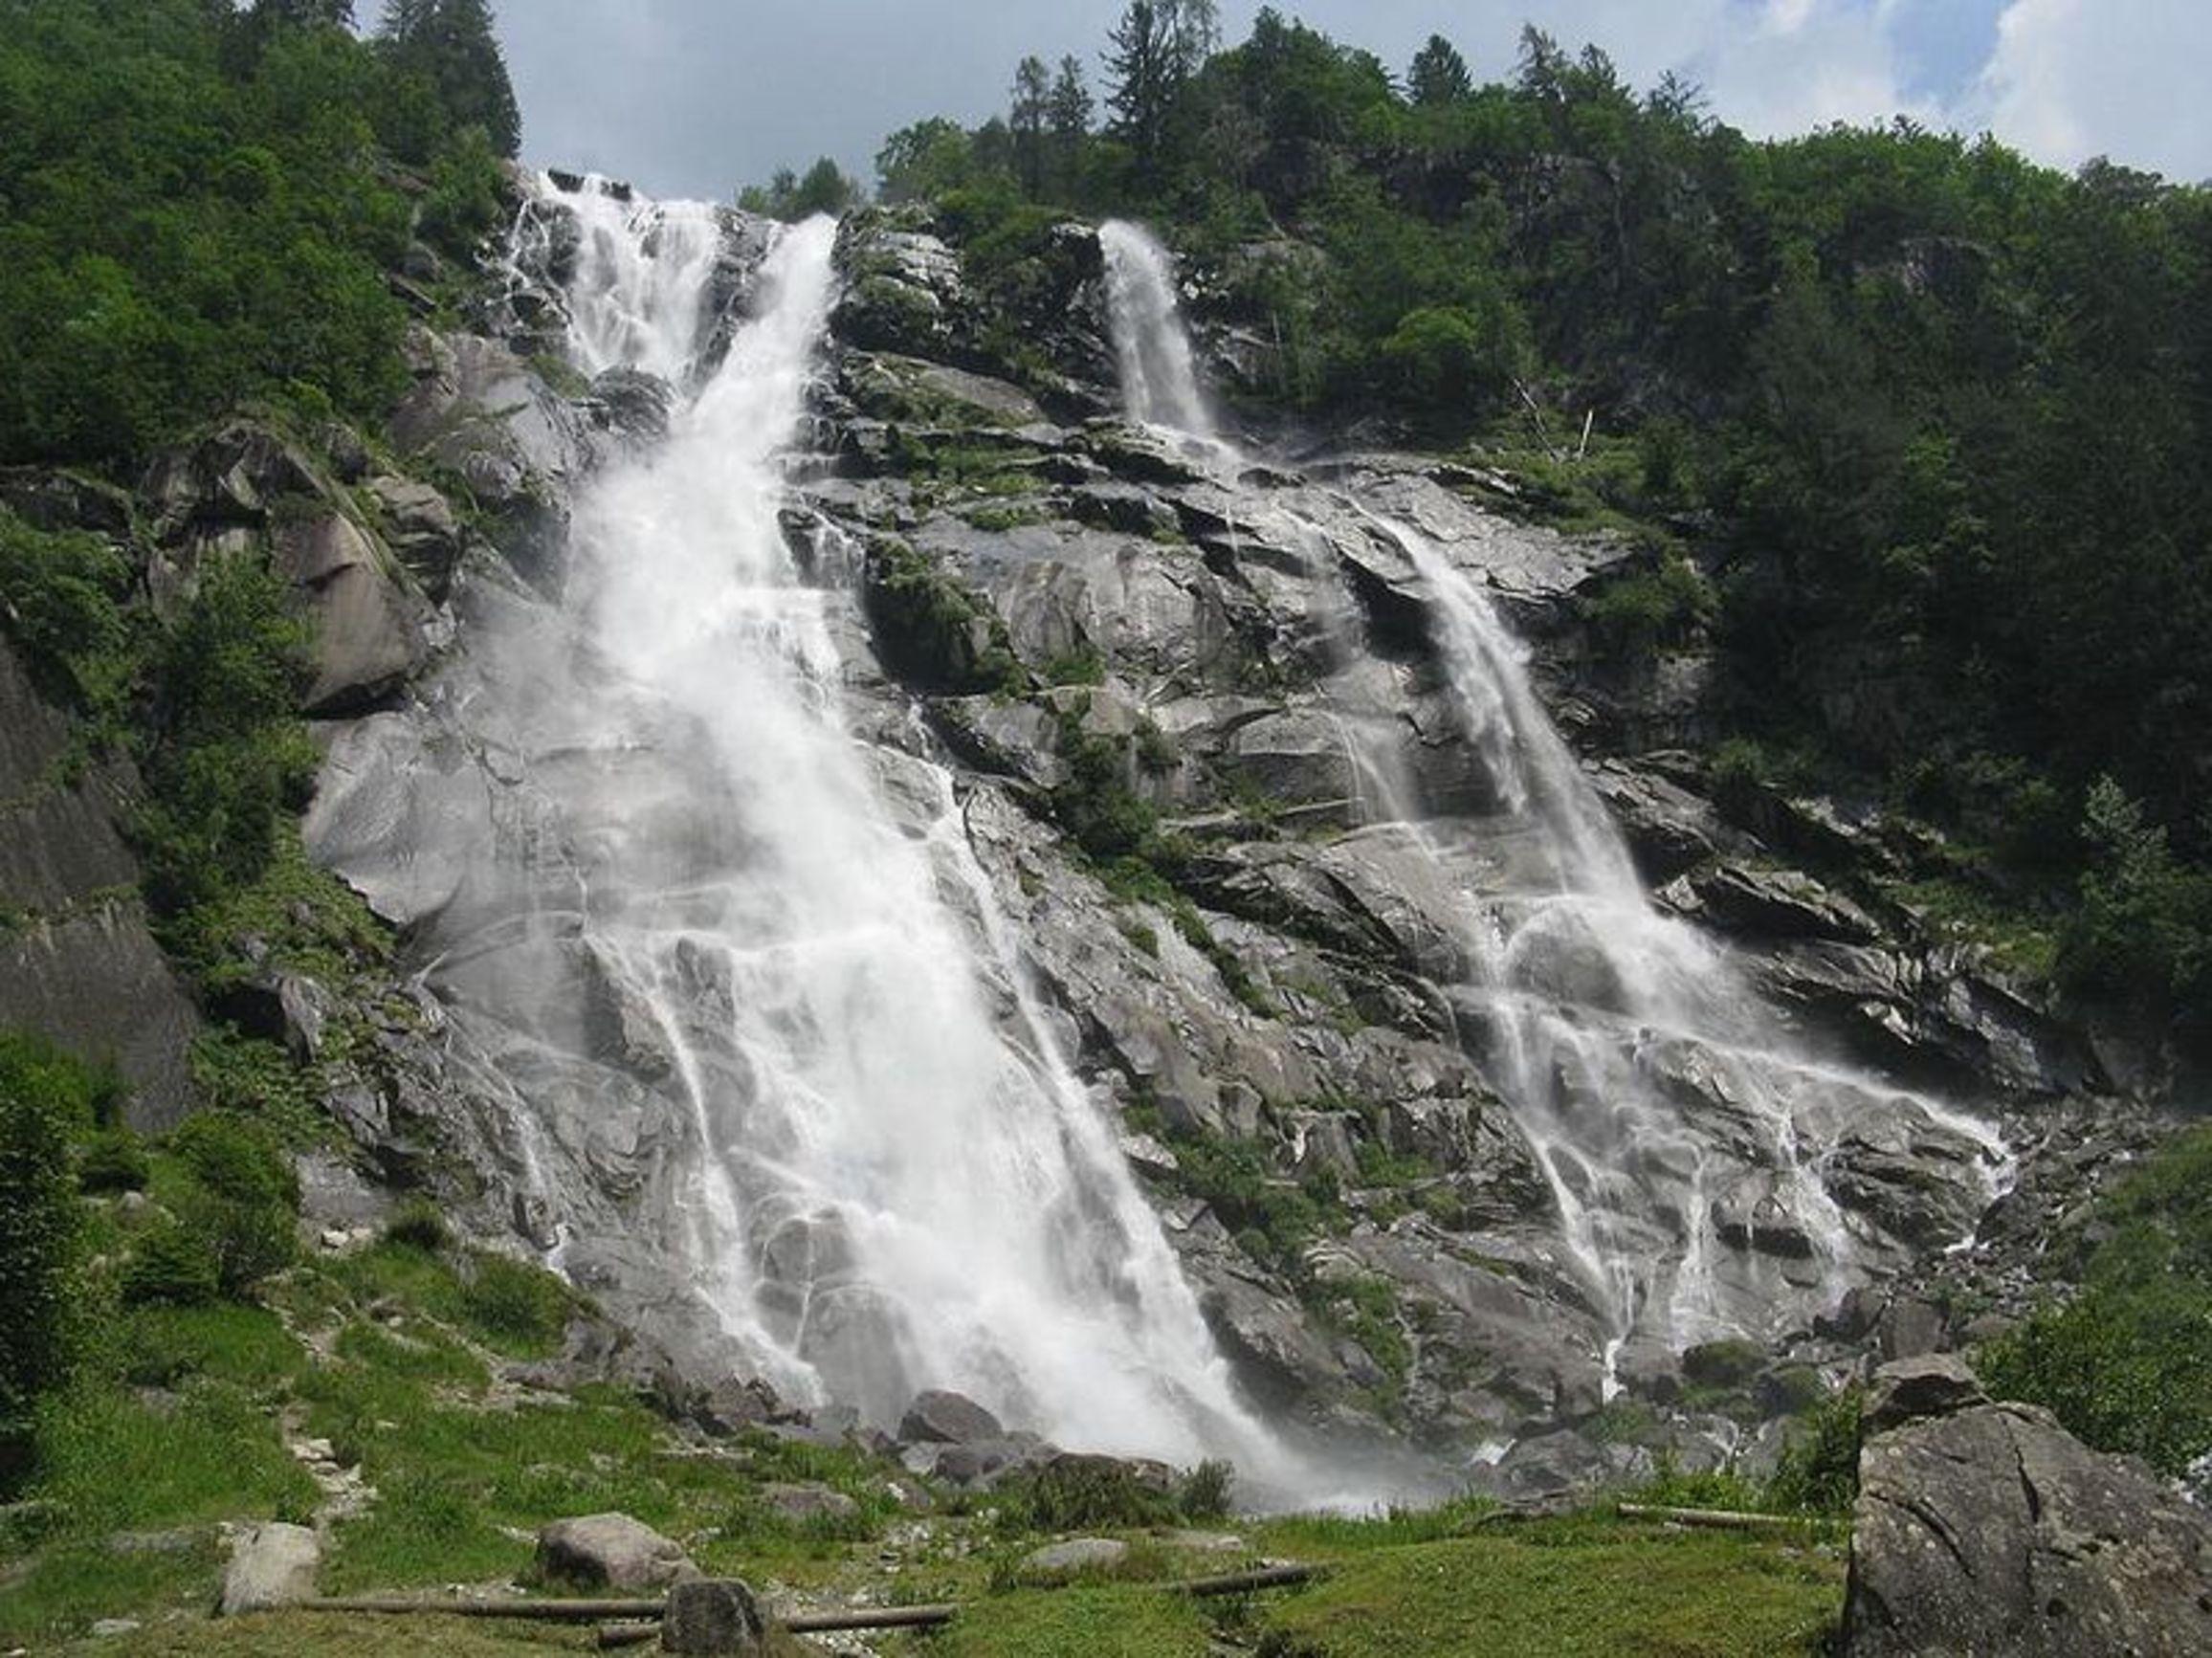 Spettacolari cascate Nardis, 130 m di salto tra la roccia vulcanica